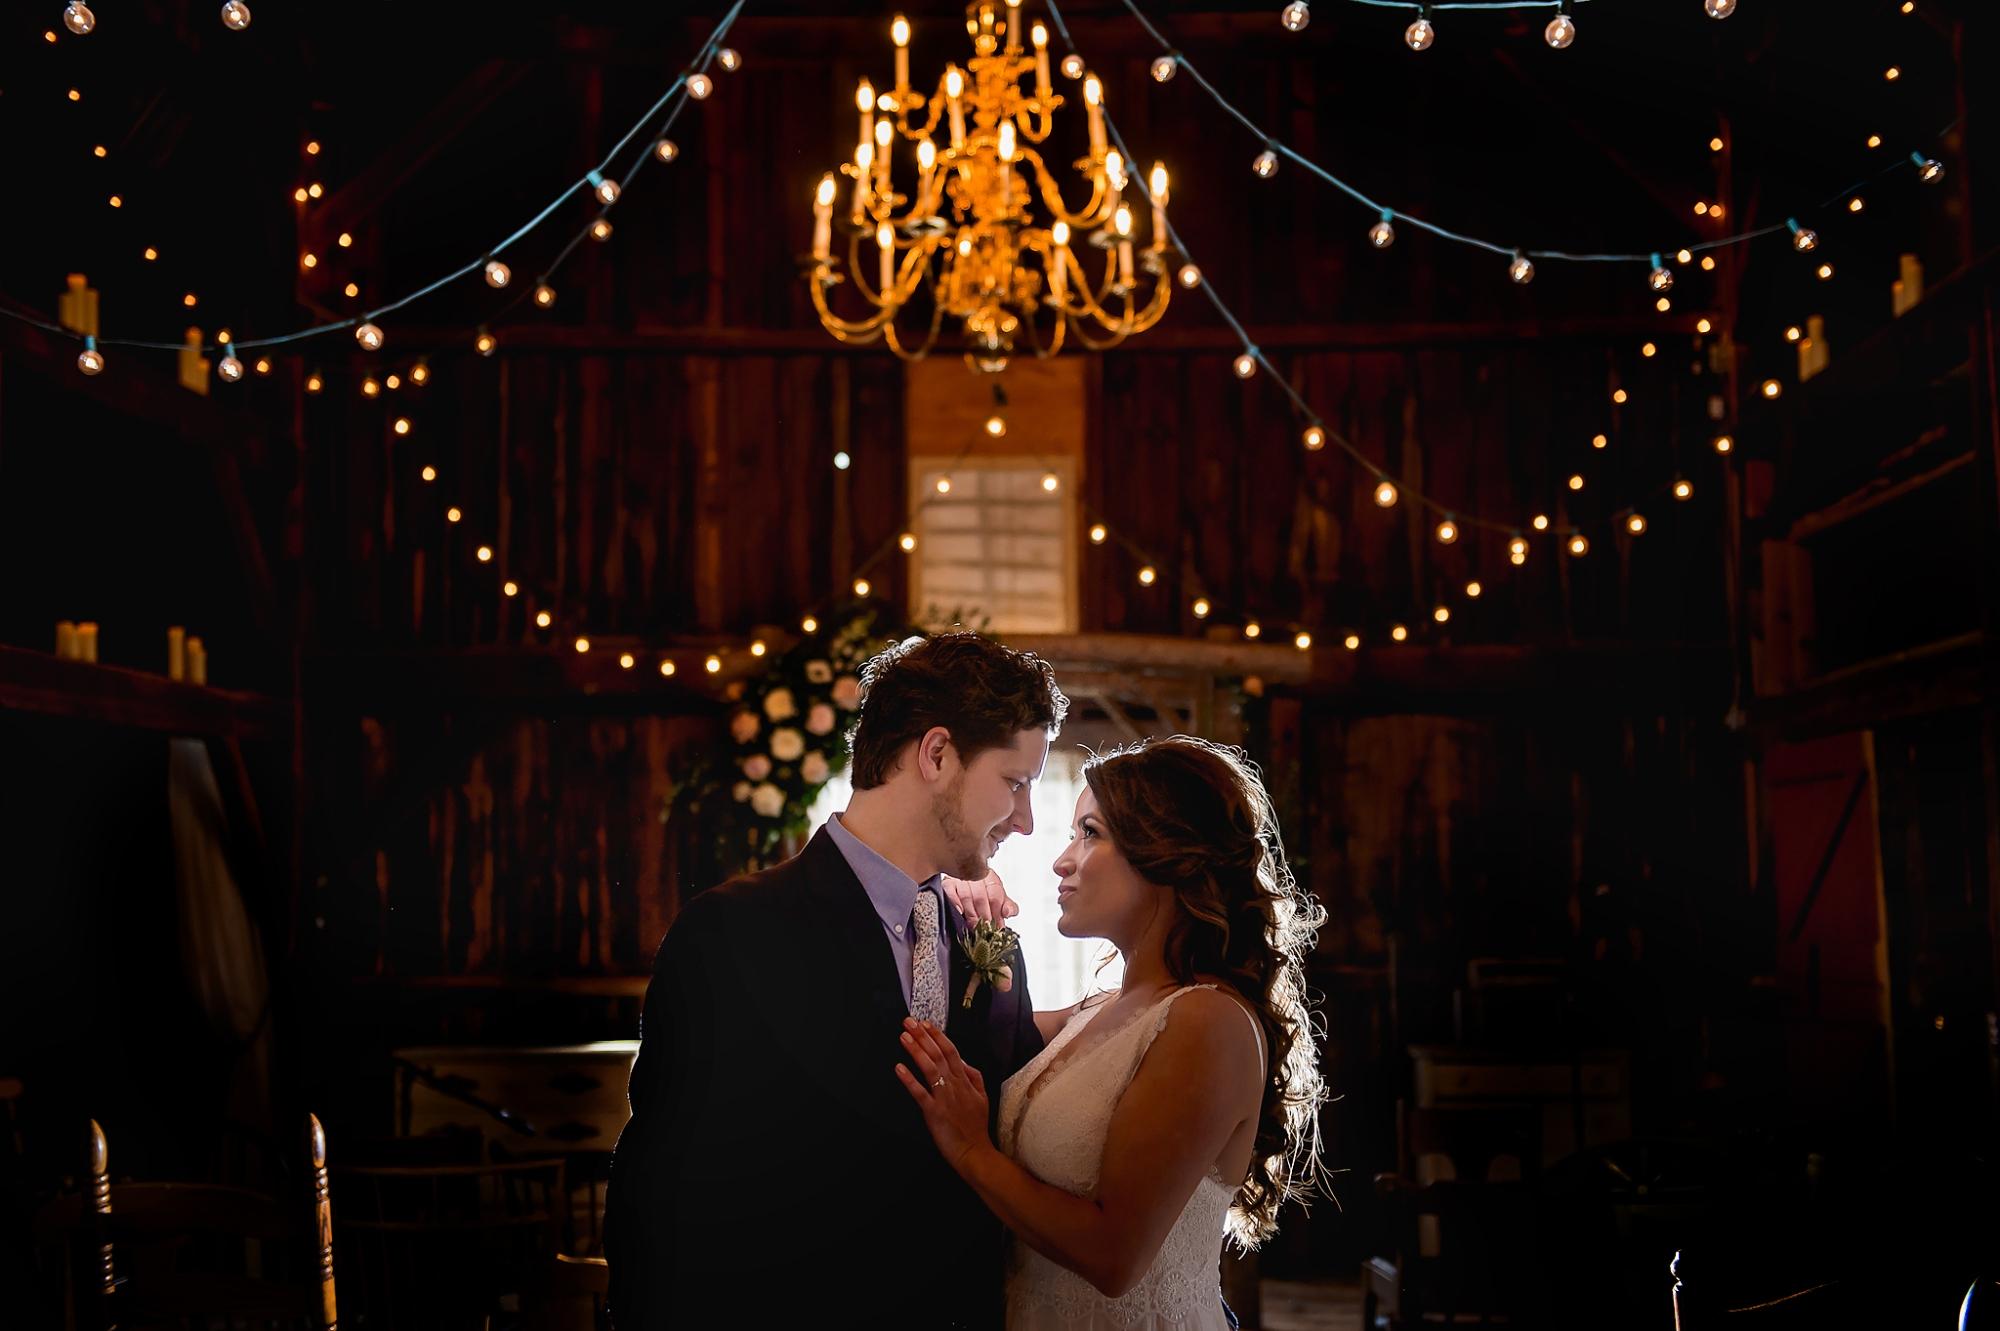 Jacks-Barn-Wedding-Photography20